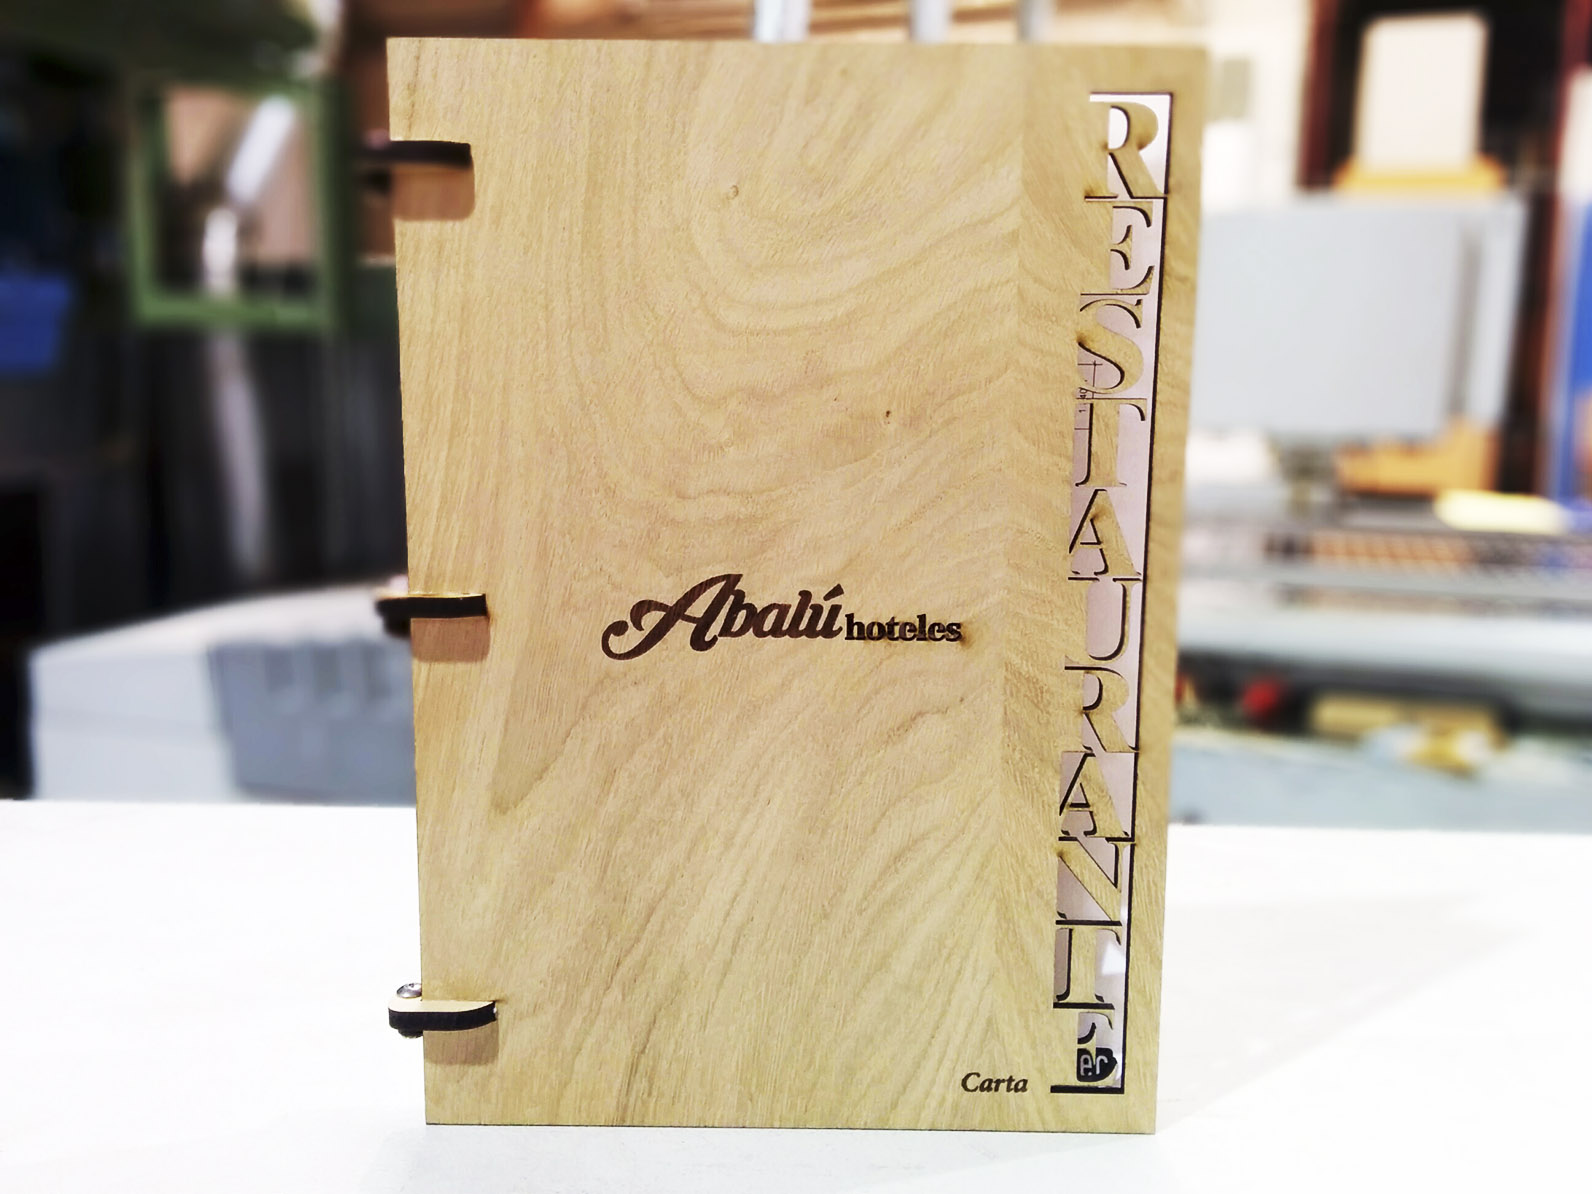 Cartas para restaurante en madera.